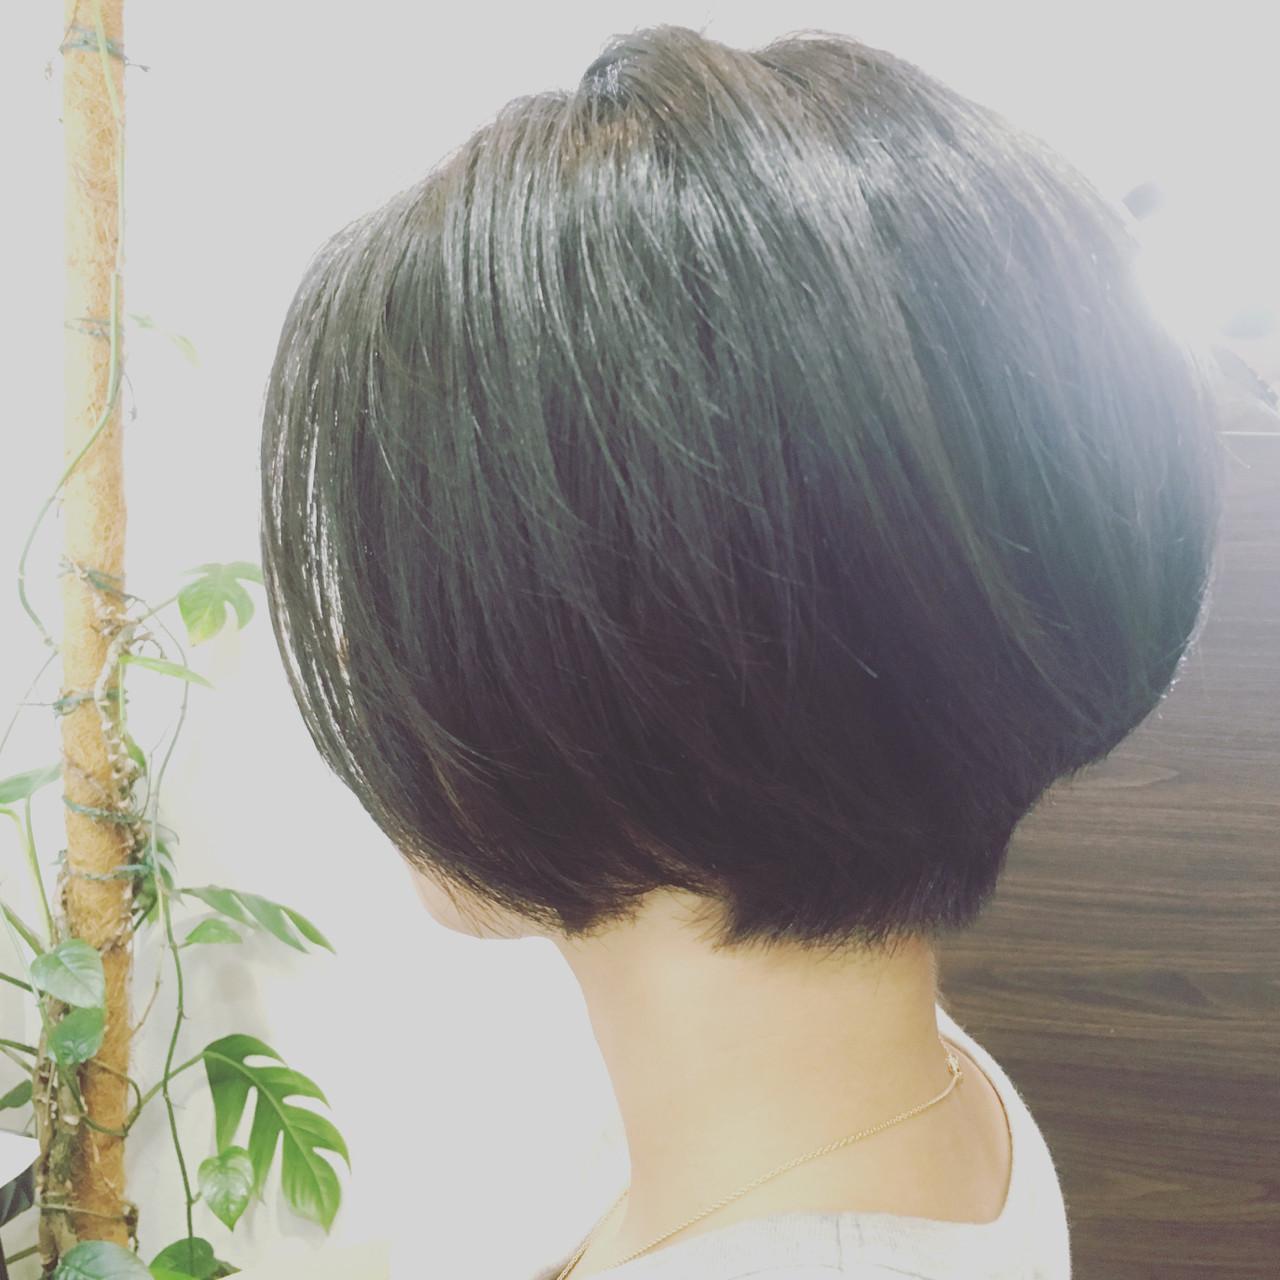 ナチュラル ボブ 束感 美シルエット ヘアスタイルや髪型の写真・画像